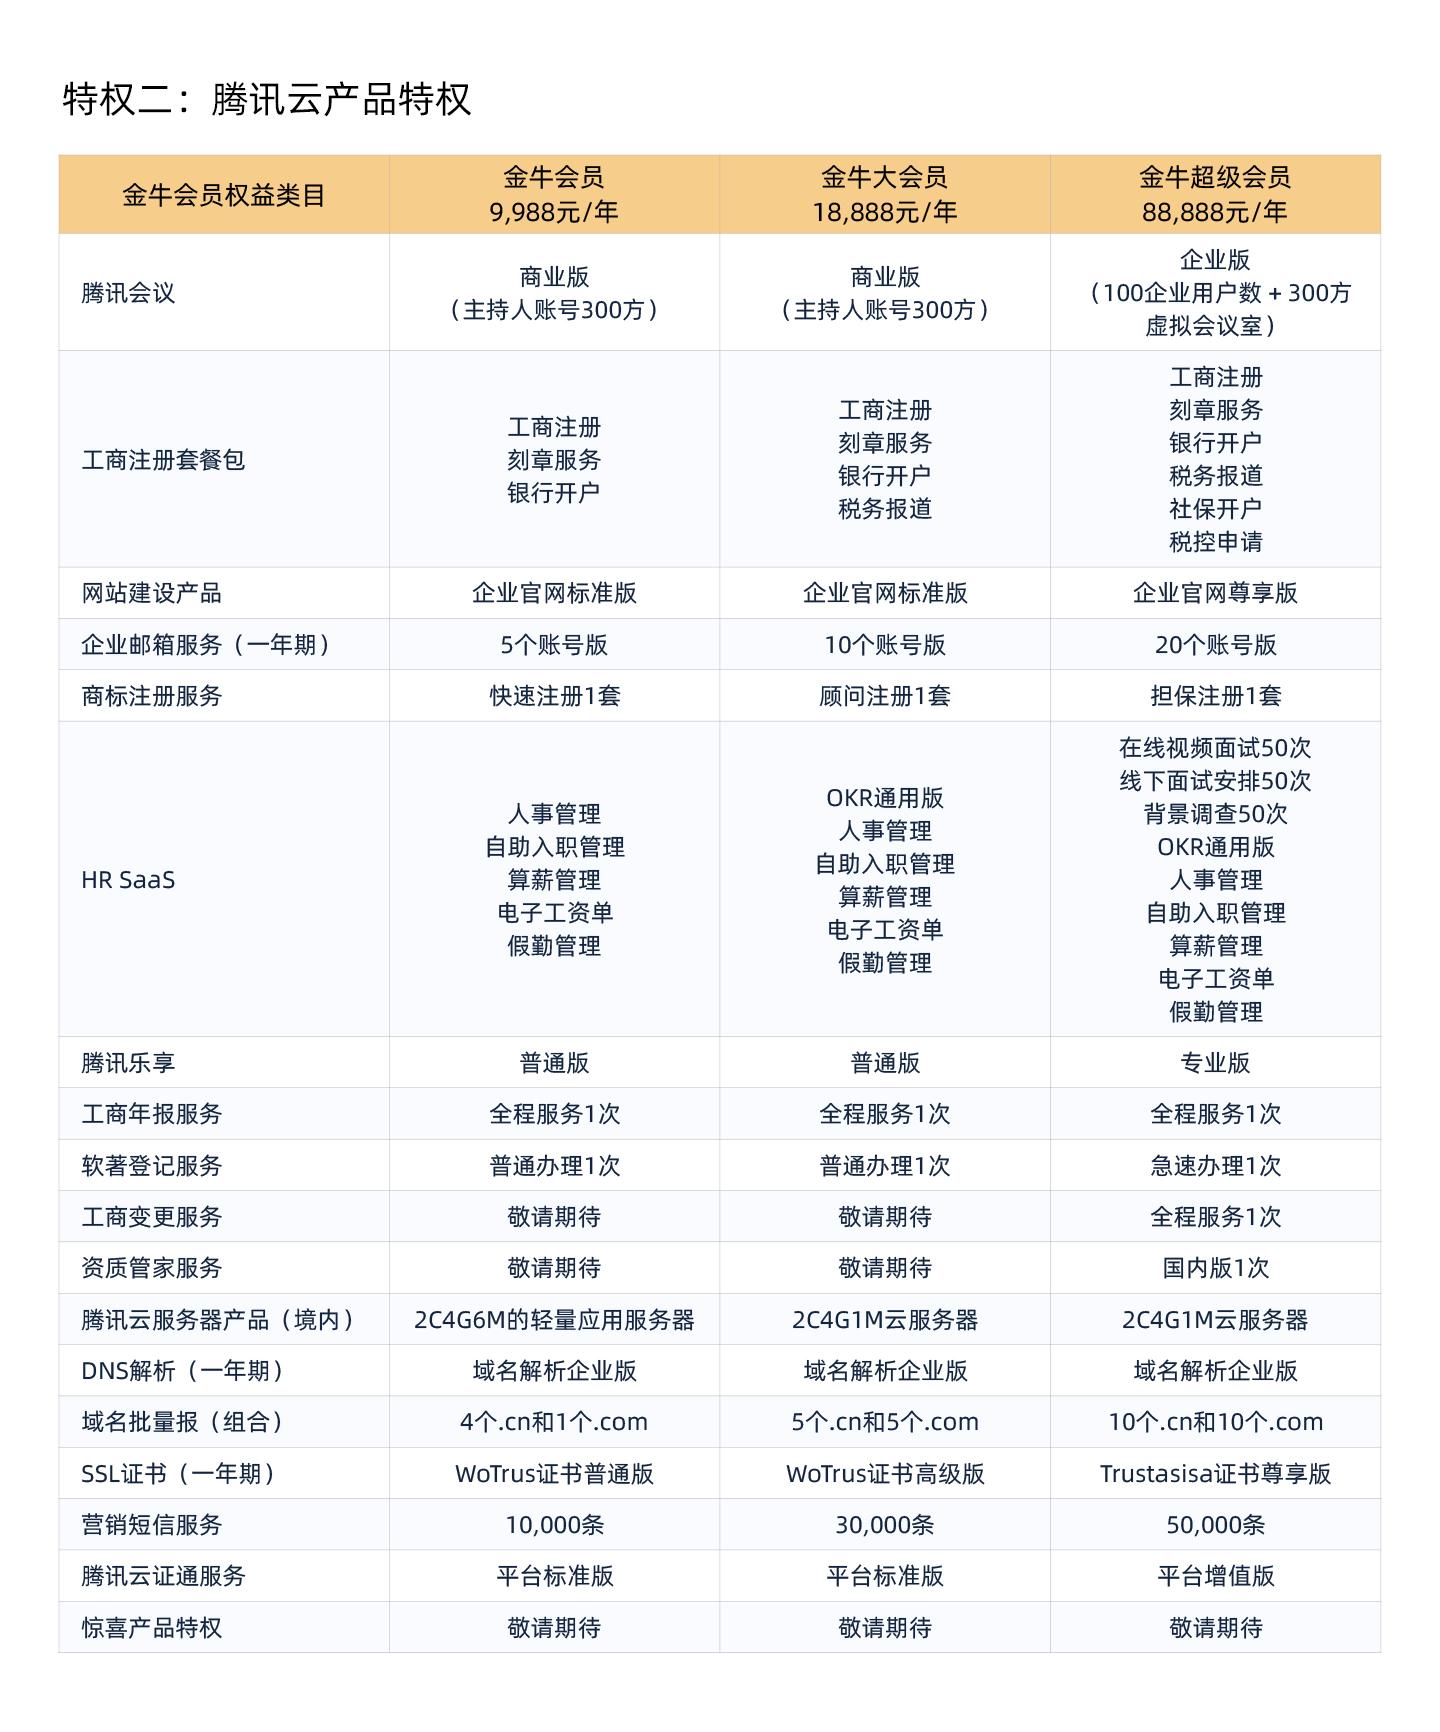 腾讯金牛企业会员-1440_02.jpg